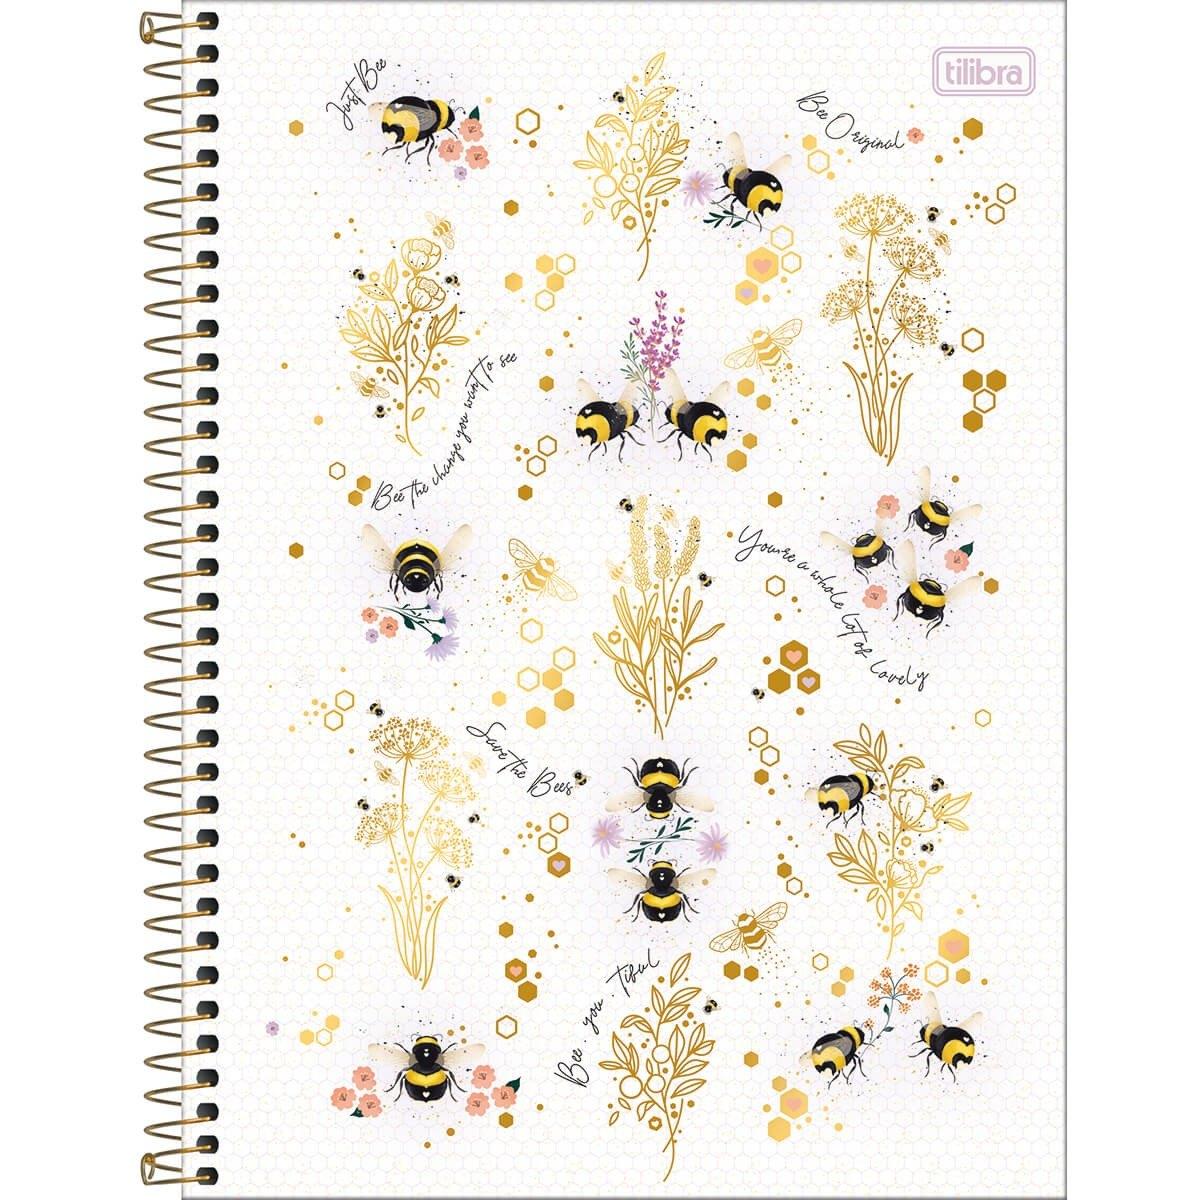 Caderno Espiral Capa Dura Universitário 1 Matéria Honey Bee 80 Fls - Tilibra